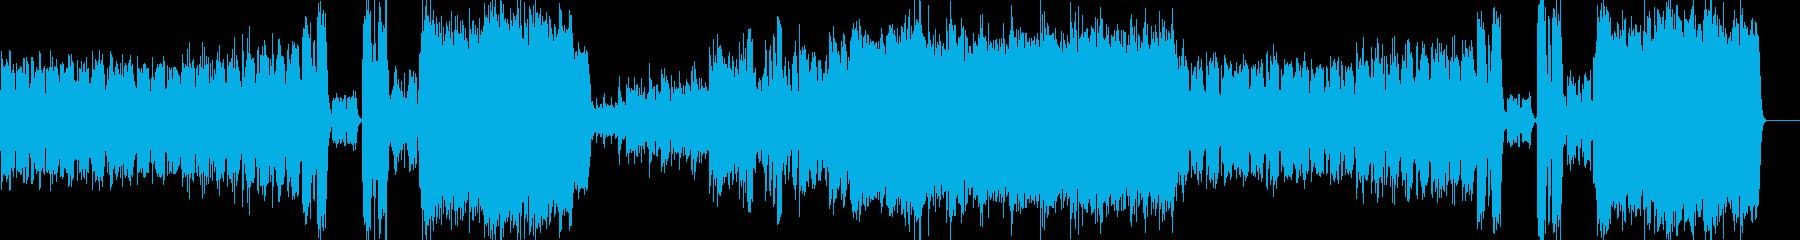 ドキュメント 科学 探検 幻想 報道の再生済みの波形